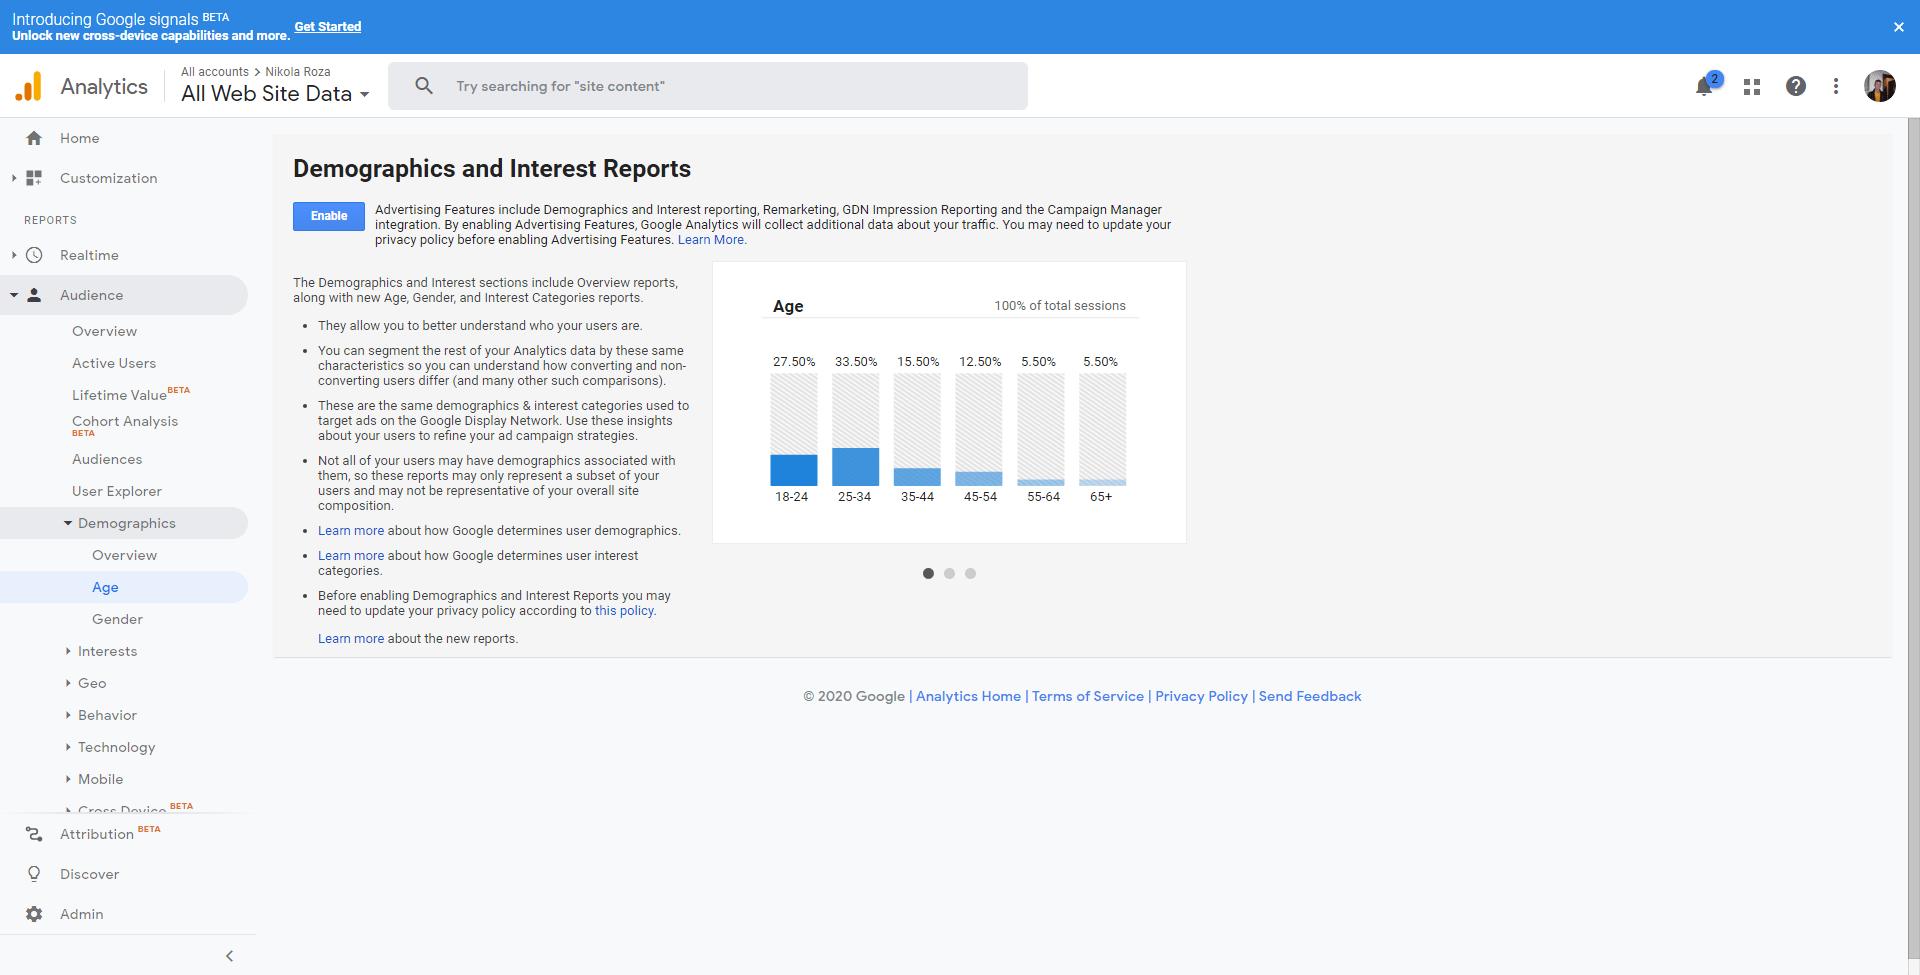 demographics-overview